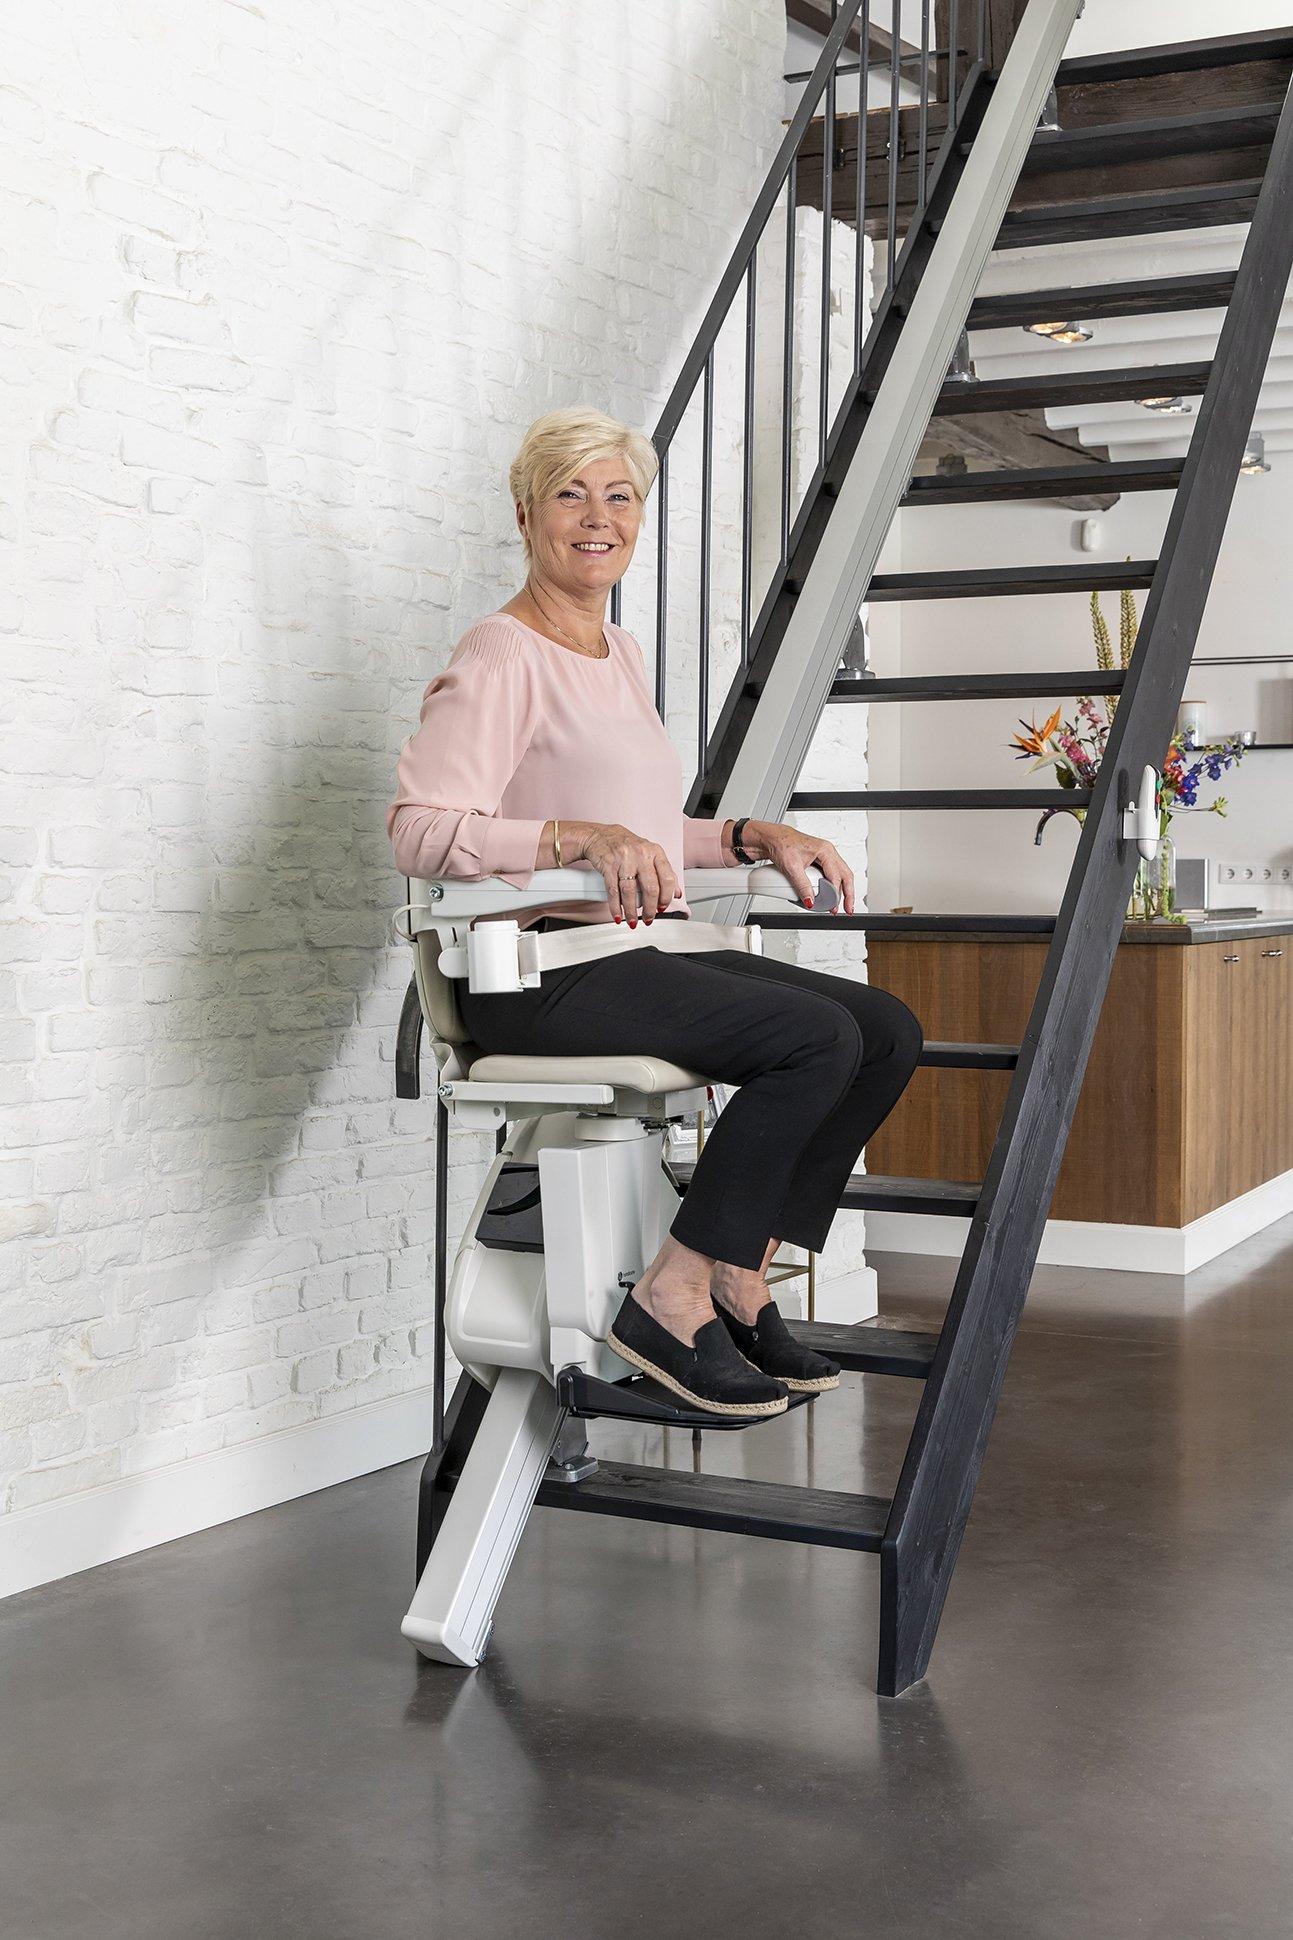 Siège monte-escalier Stairlift